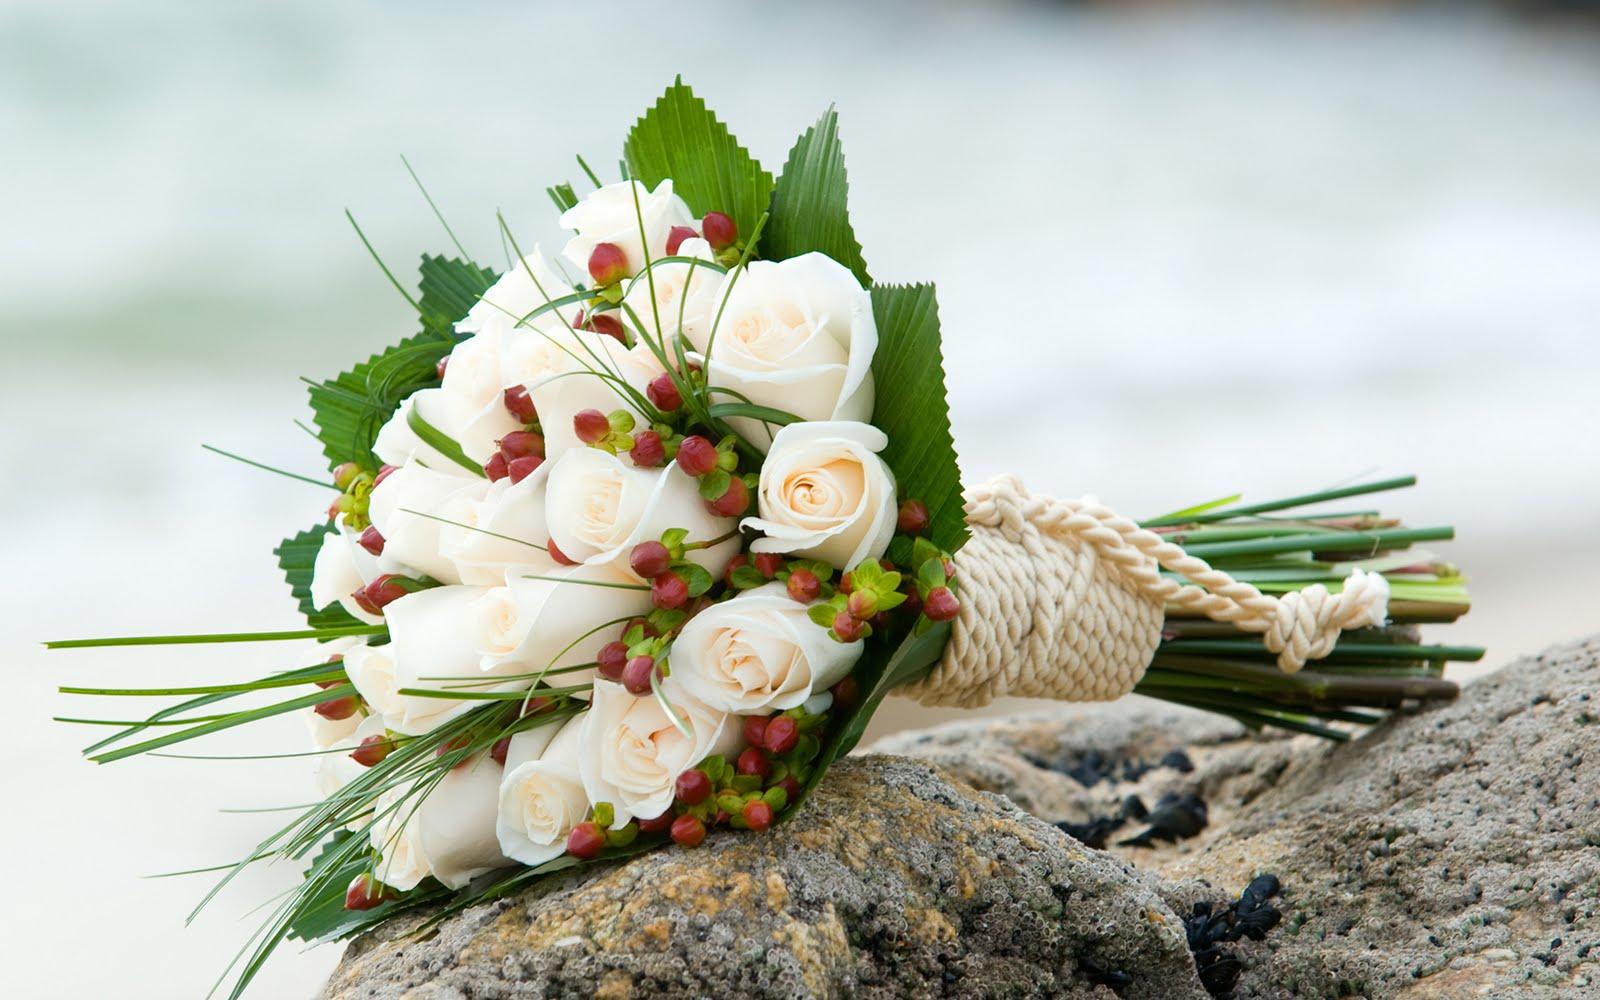 http://1.bp.blogspot.com/-2xtsCQbbhEI/Tp0JeAHXcSI/AAAAAAAAAlw/uN_U5U4OUc4/s1600/Bouquet+White+Roses+HD+Wallpaper+-+LoveWallpapers4u.Blogspot.Com.jpg